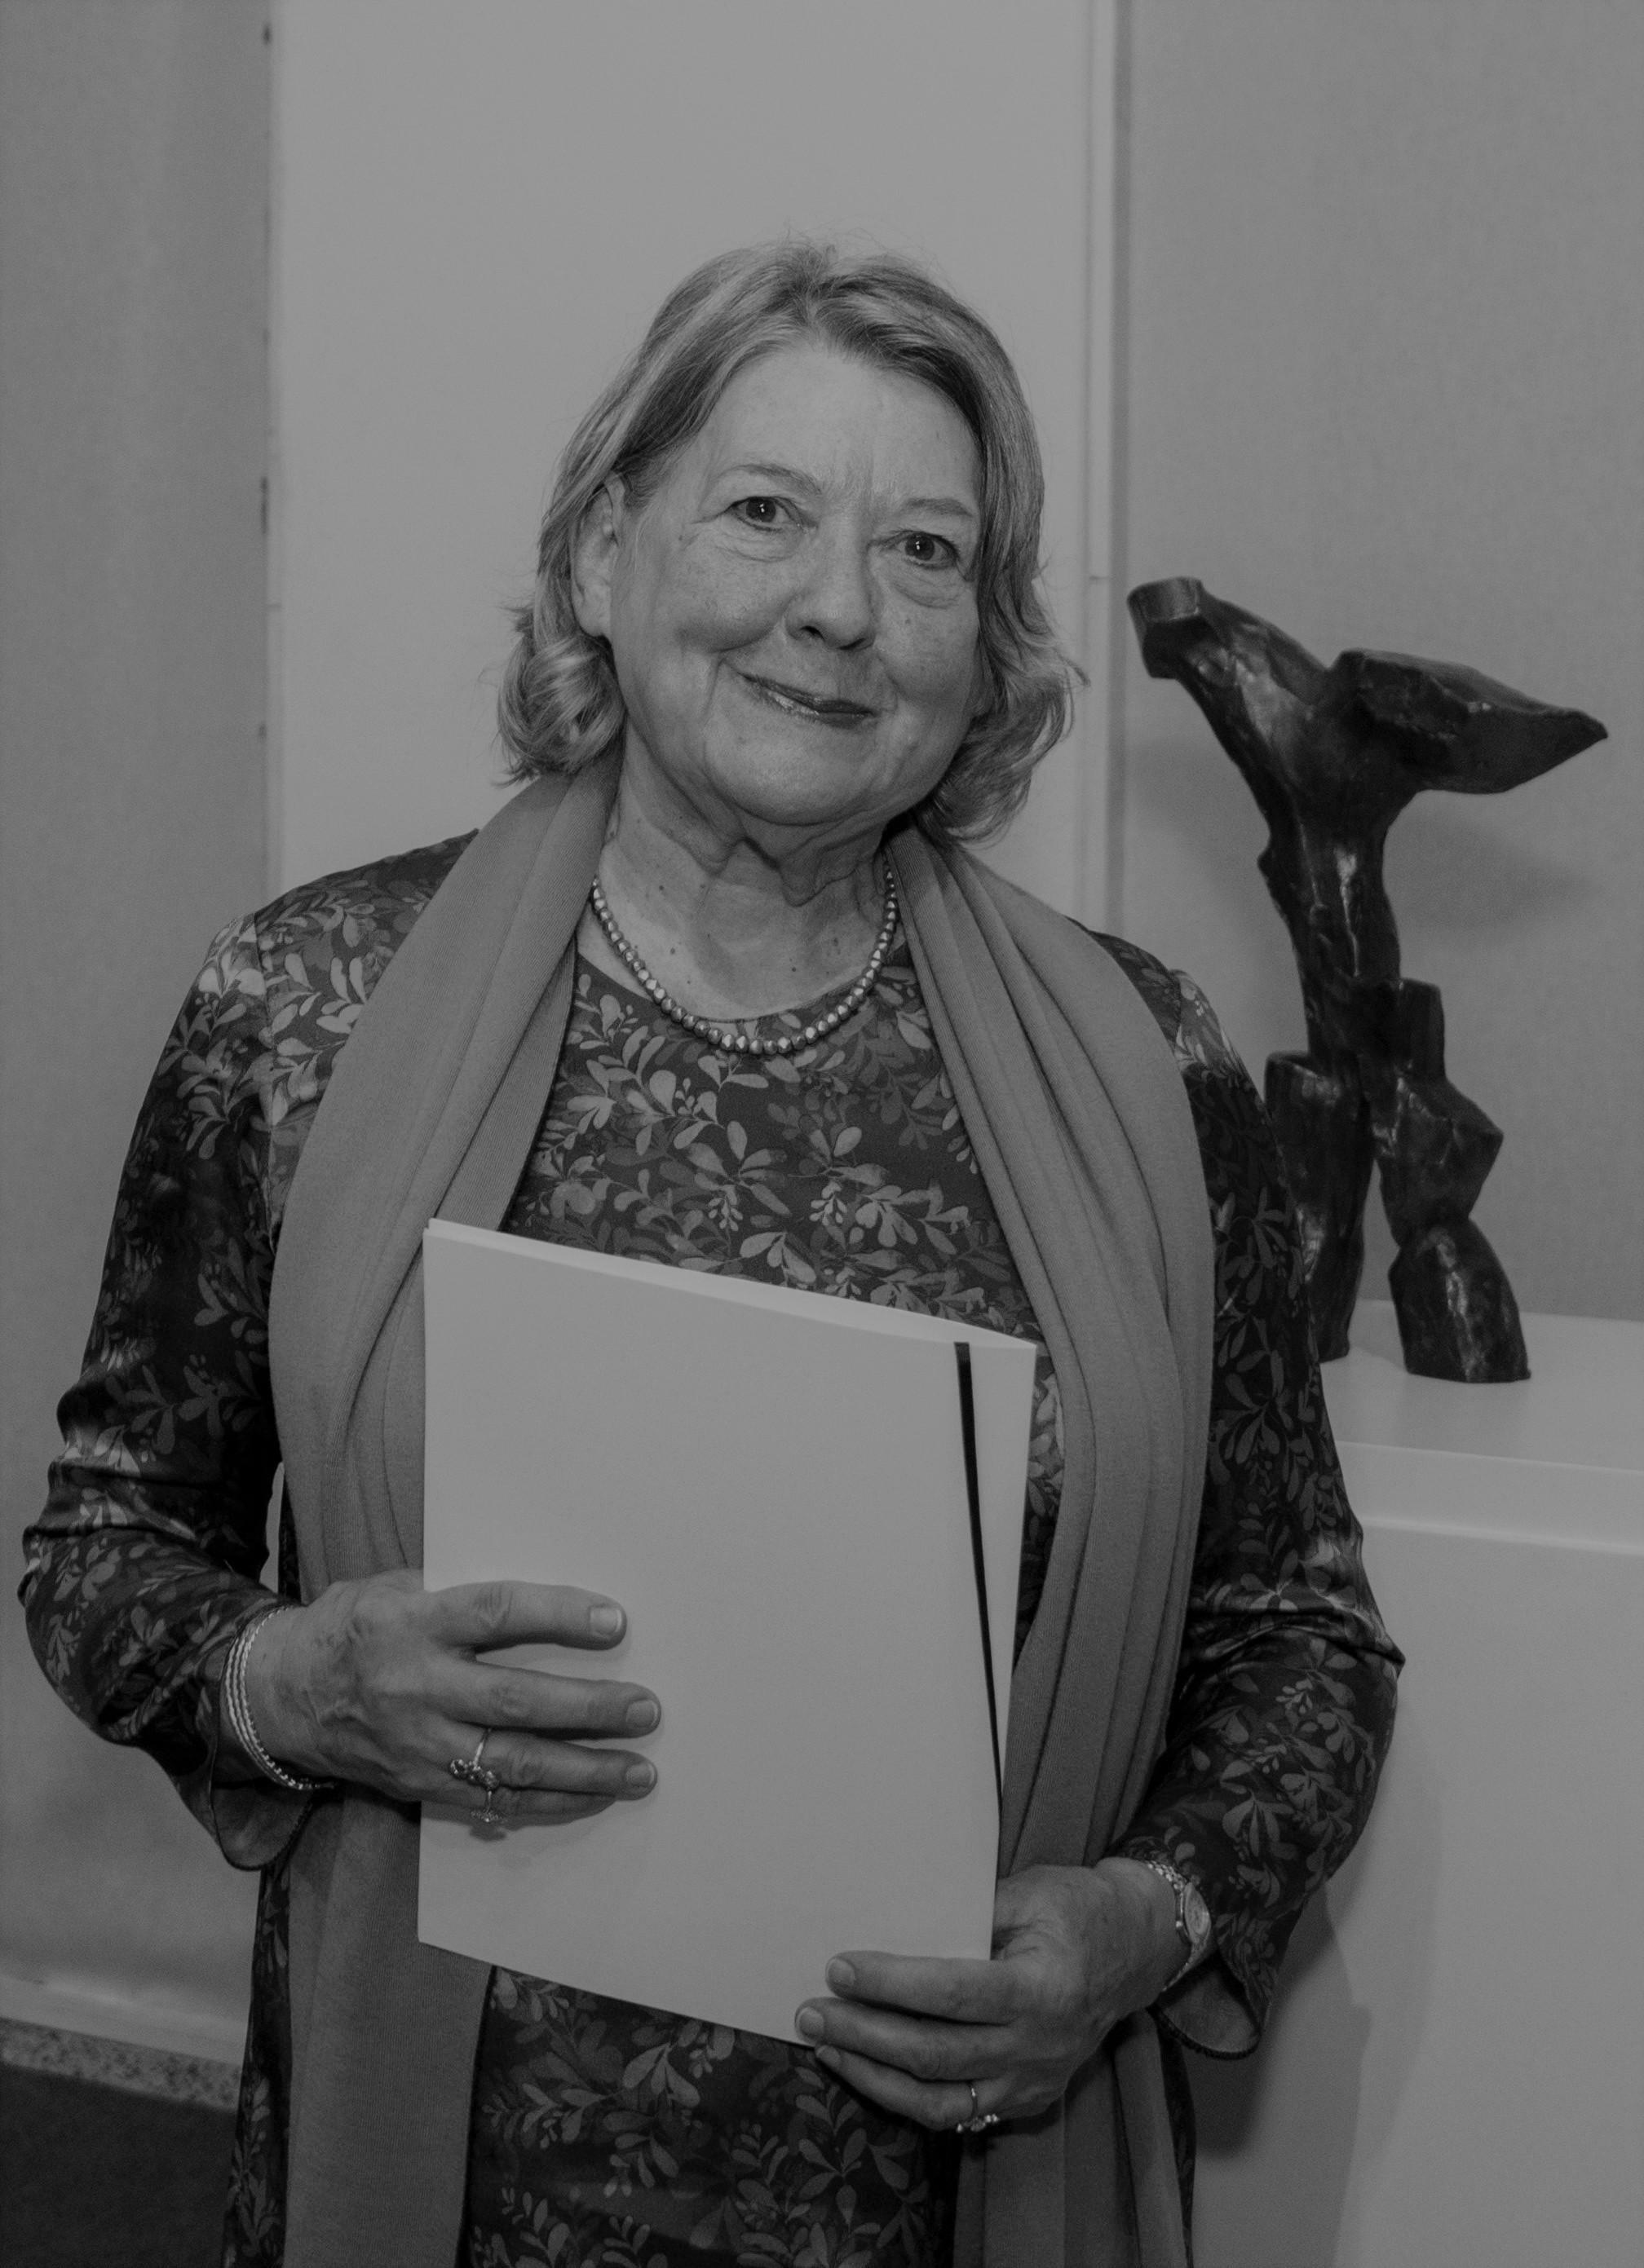 Verlegerin Monika Schoeller ist tot